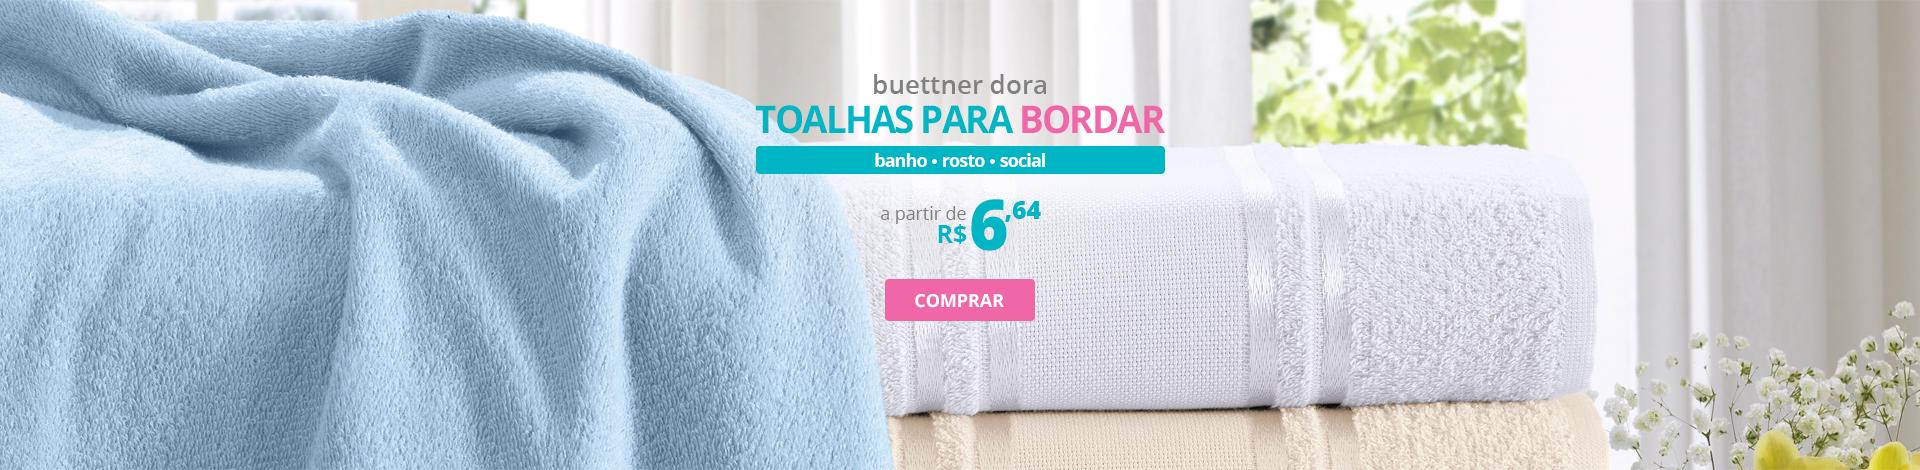 Toalhas para Bordar Buettner Dora - Banho, Rosto, Social | A partir de R$ 6,64 | Clube de Bordar | Compre Agora!